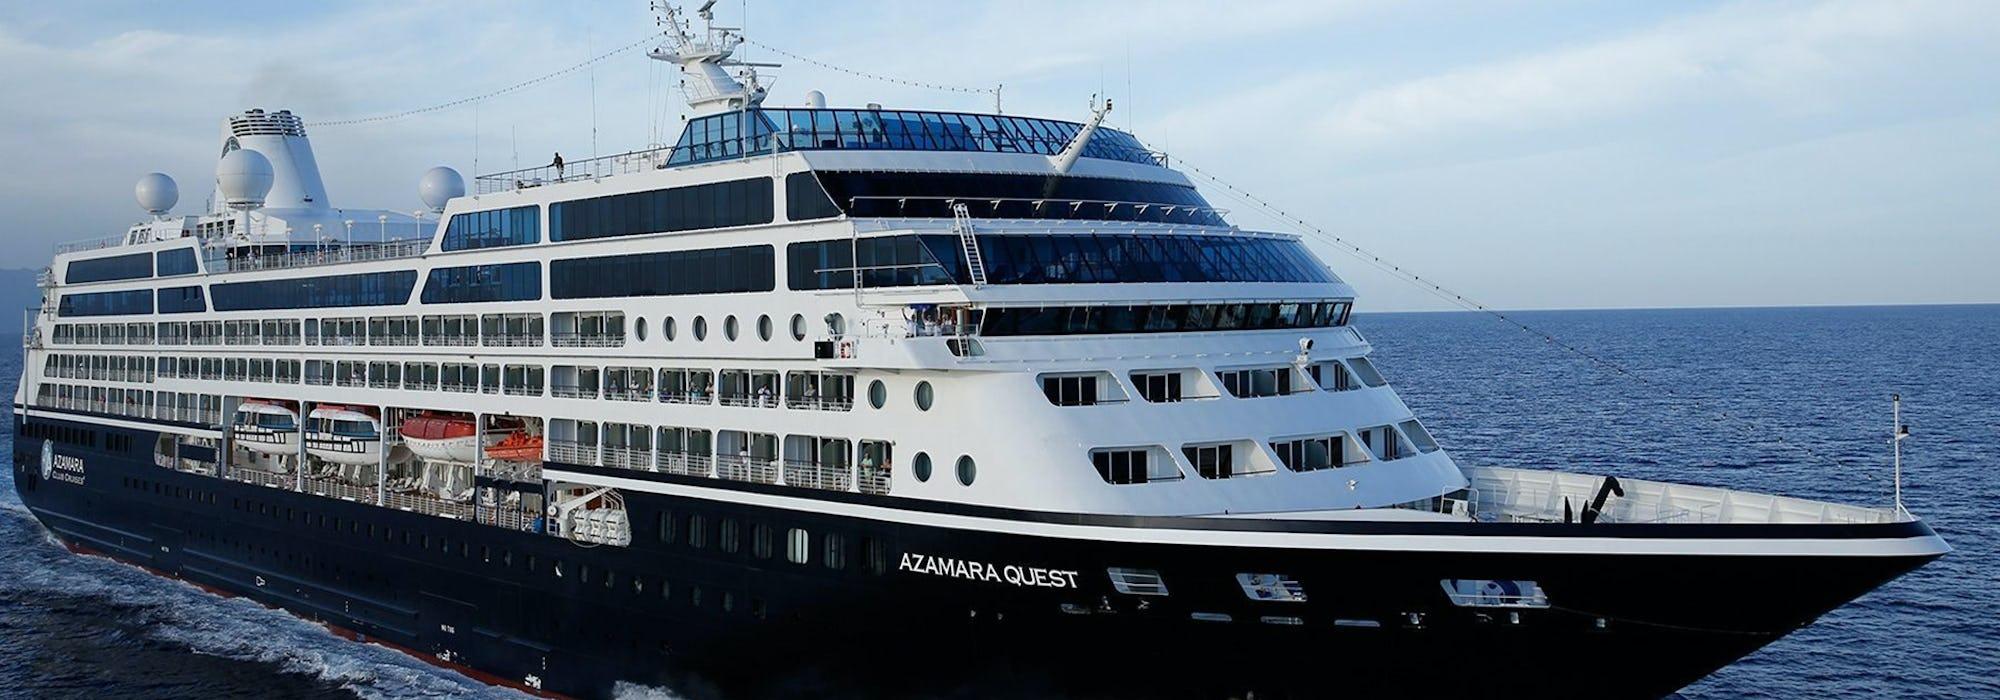 Bild snett från sida på Azamara Quest som kryssar fram i det mörkblå havet.